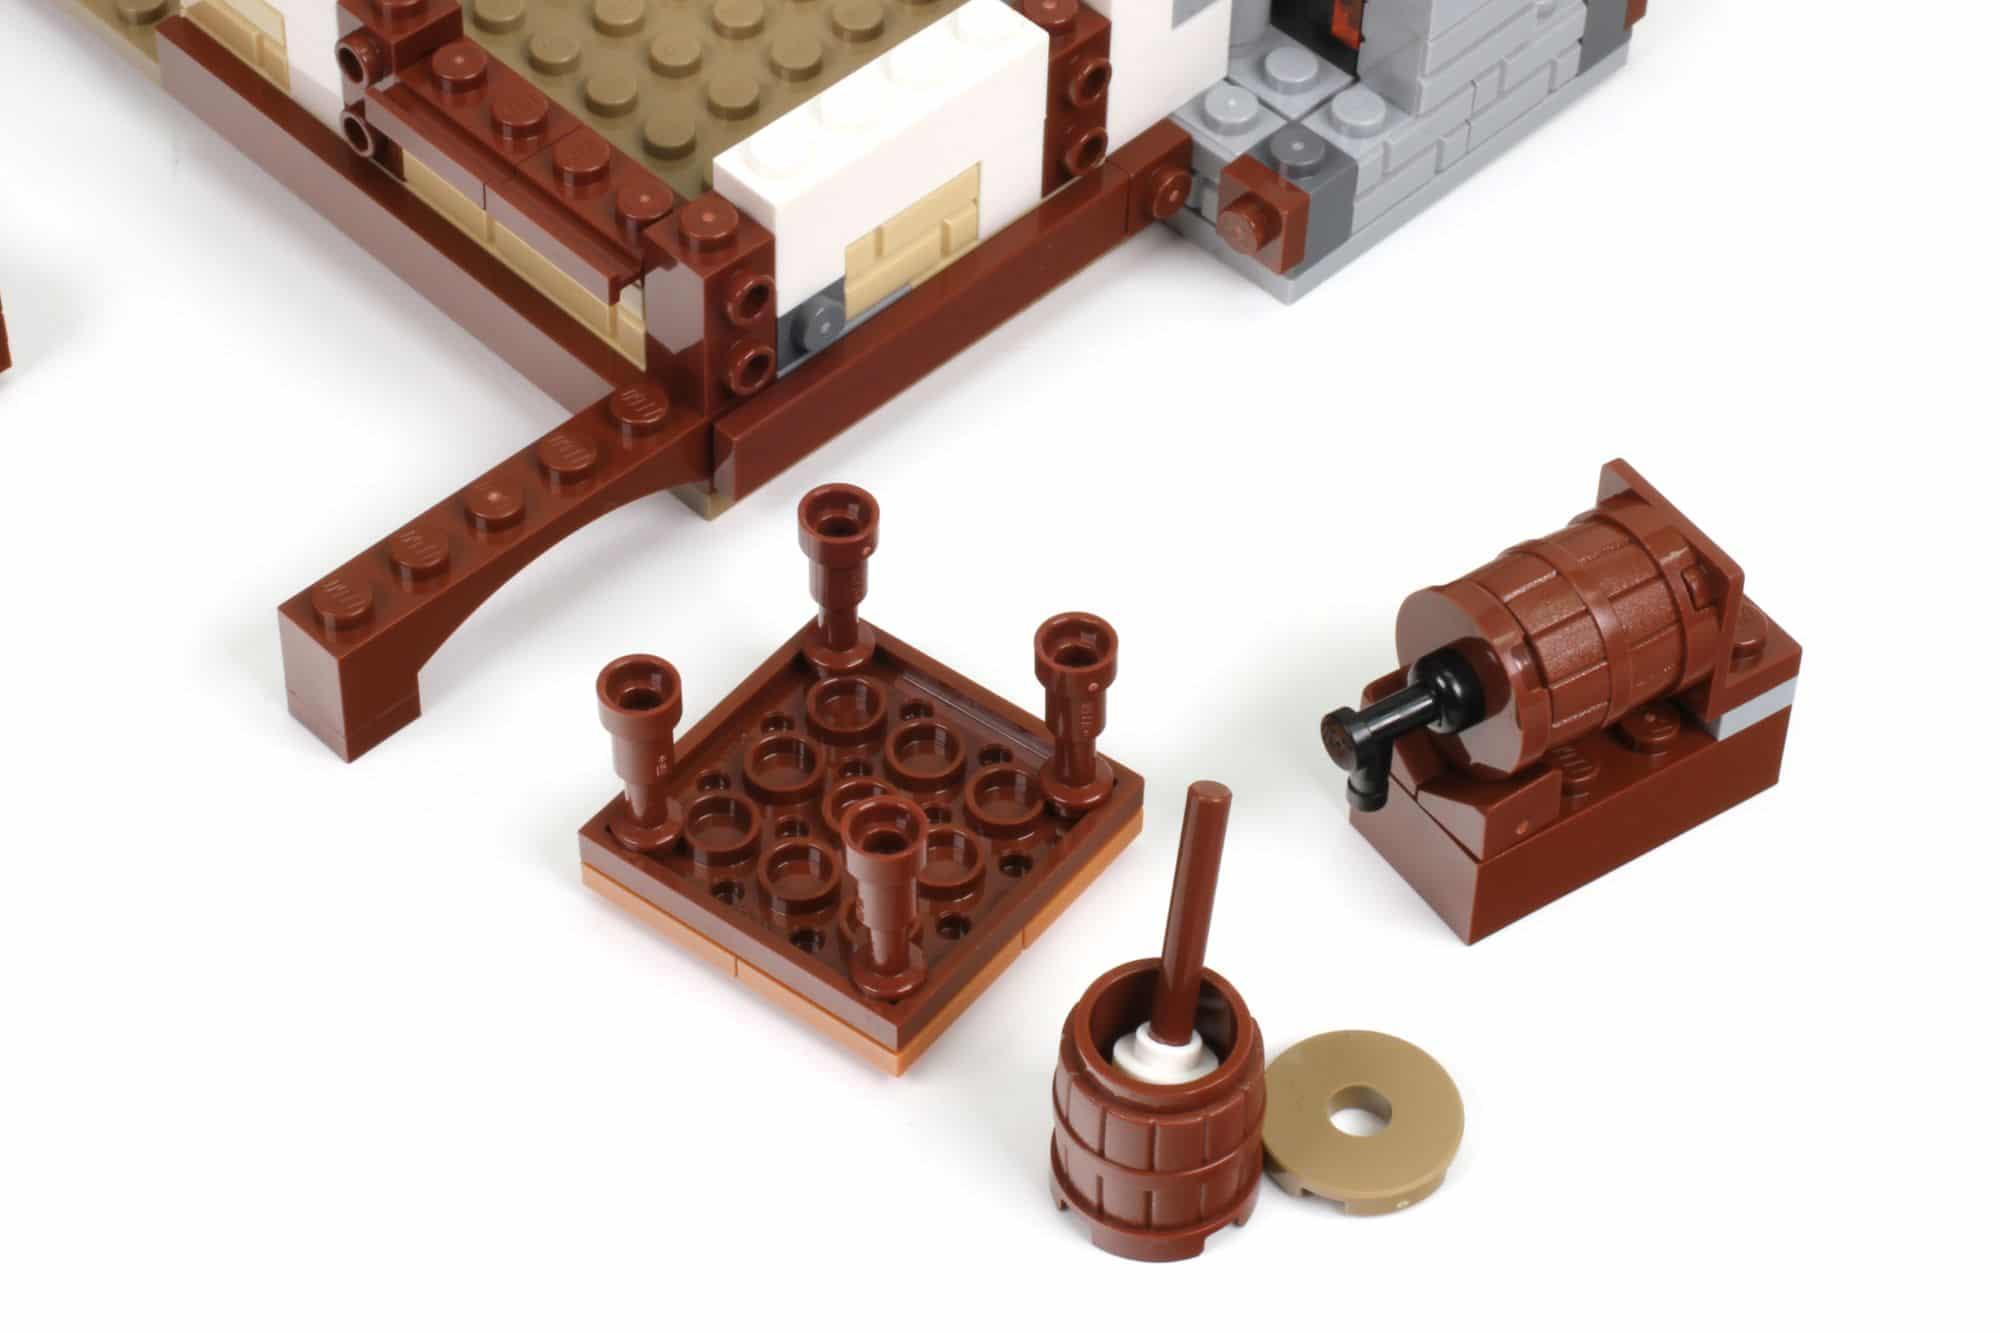 LEGO Ideas 21325 Mittelalterliche Schmiede Bauabschnitt 6 3